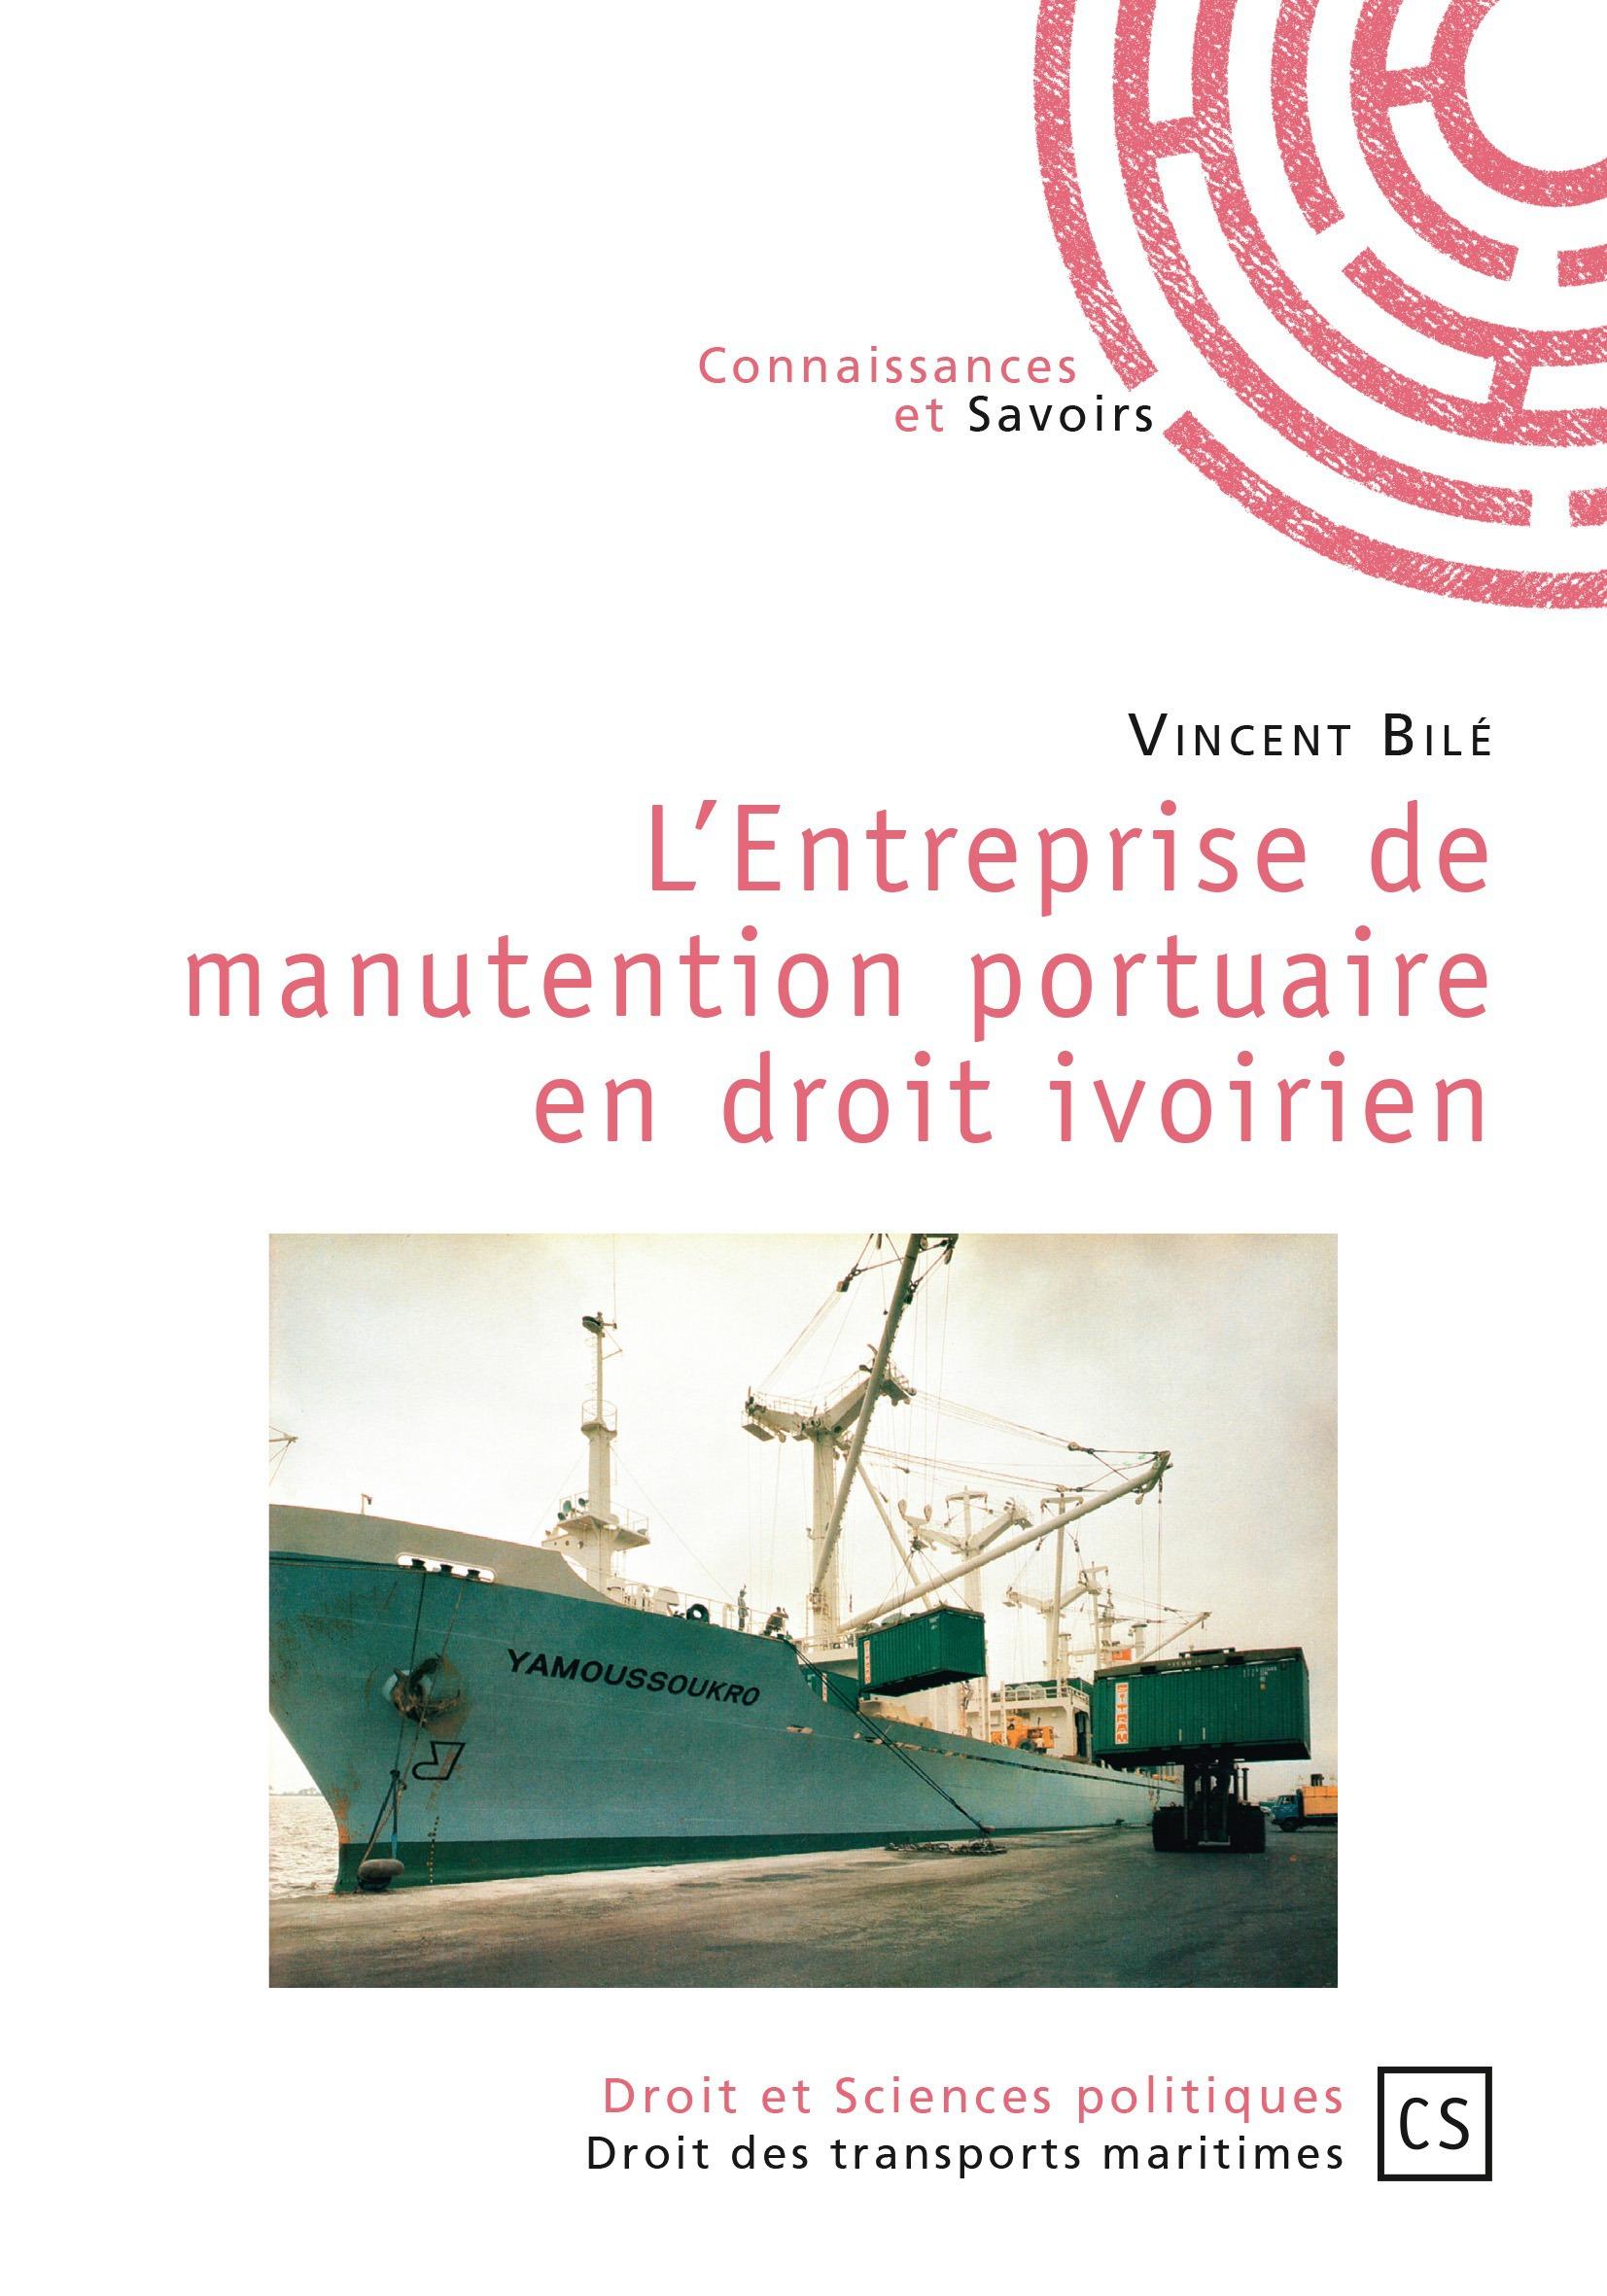 L'entreprise de manutention portuaire en droit ivoirien